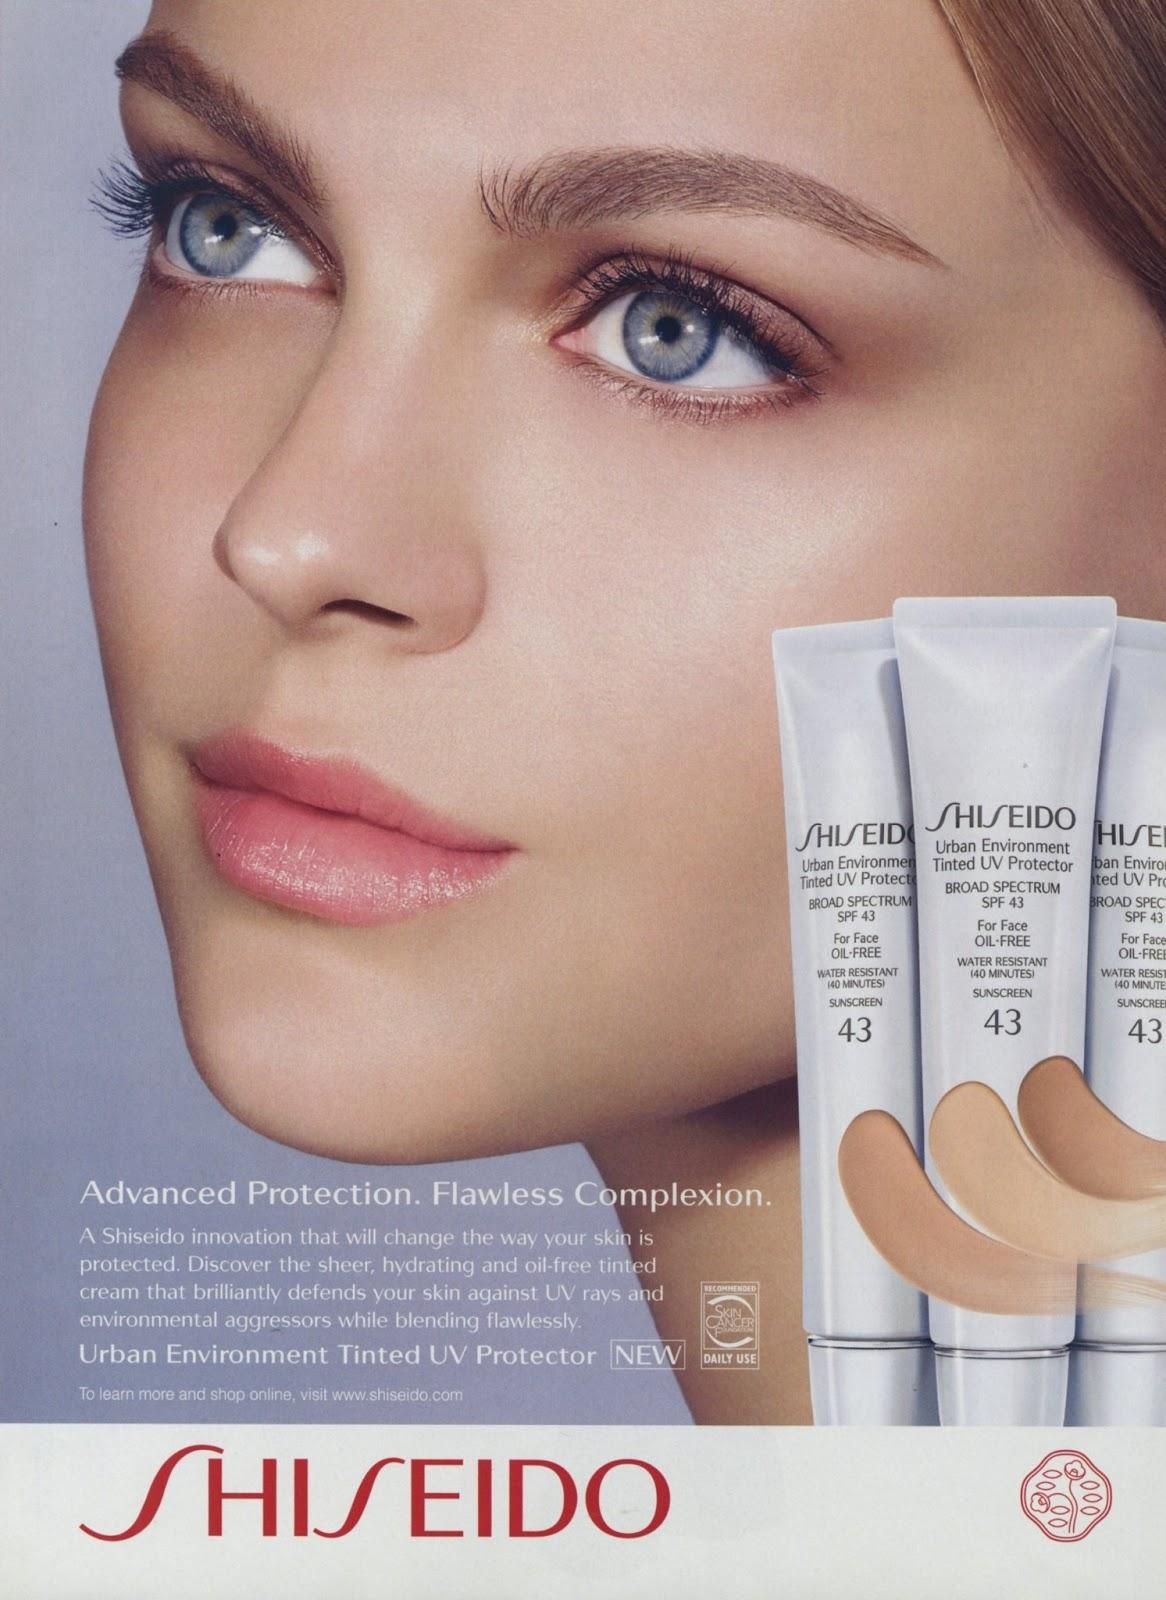 http://1.bp.blogspot.com/-FF9xc_sLXHY/UUogylWqDBI/AAAAAAAAQGw/Zzg6aZlgUhI/s1600/Shiseido,+spring+2013.jpg